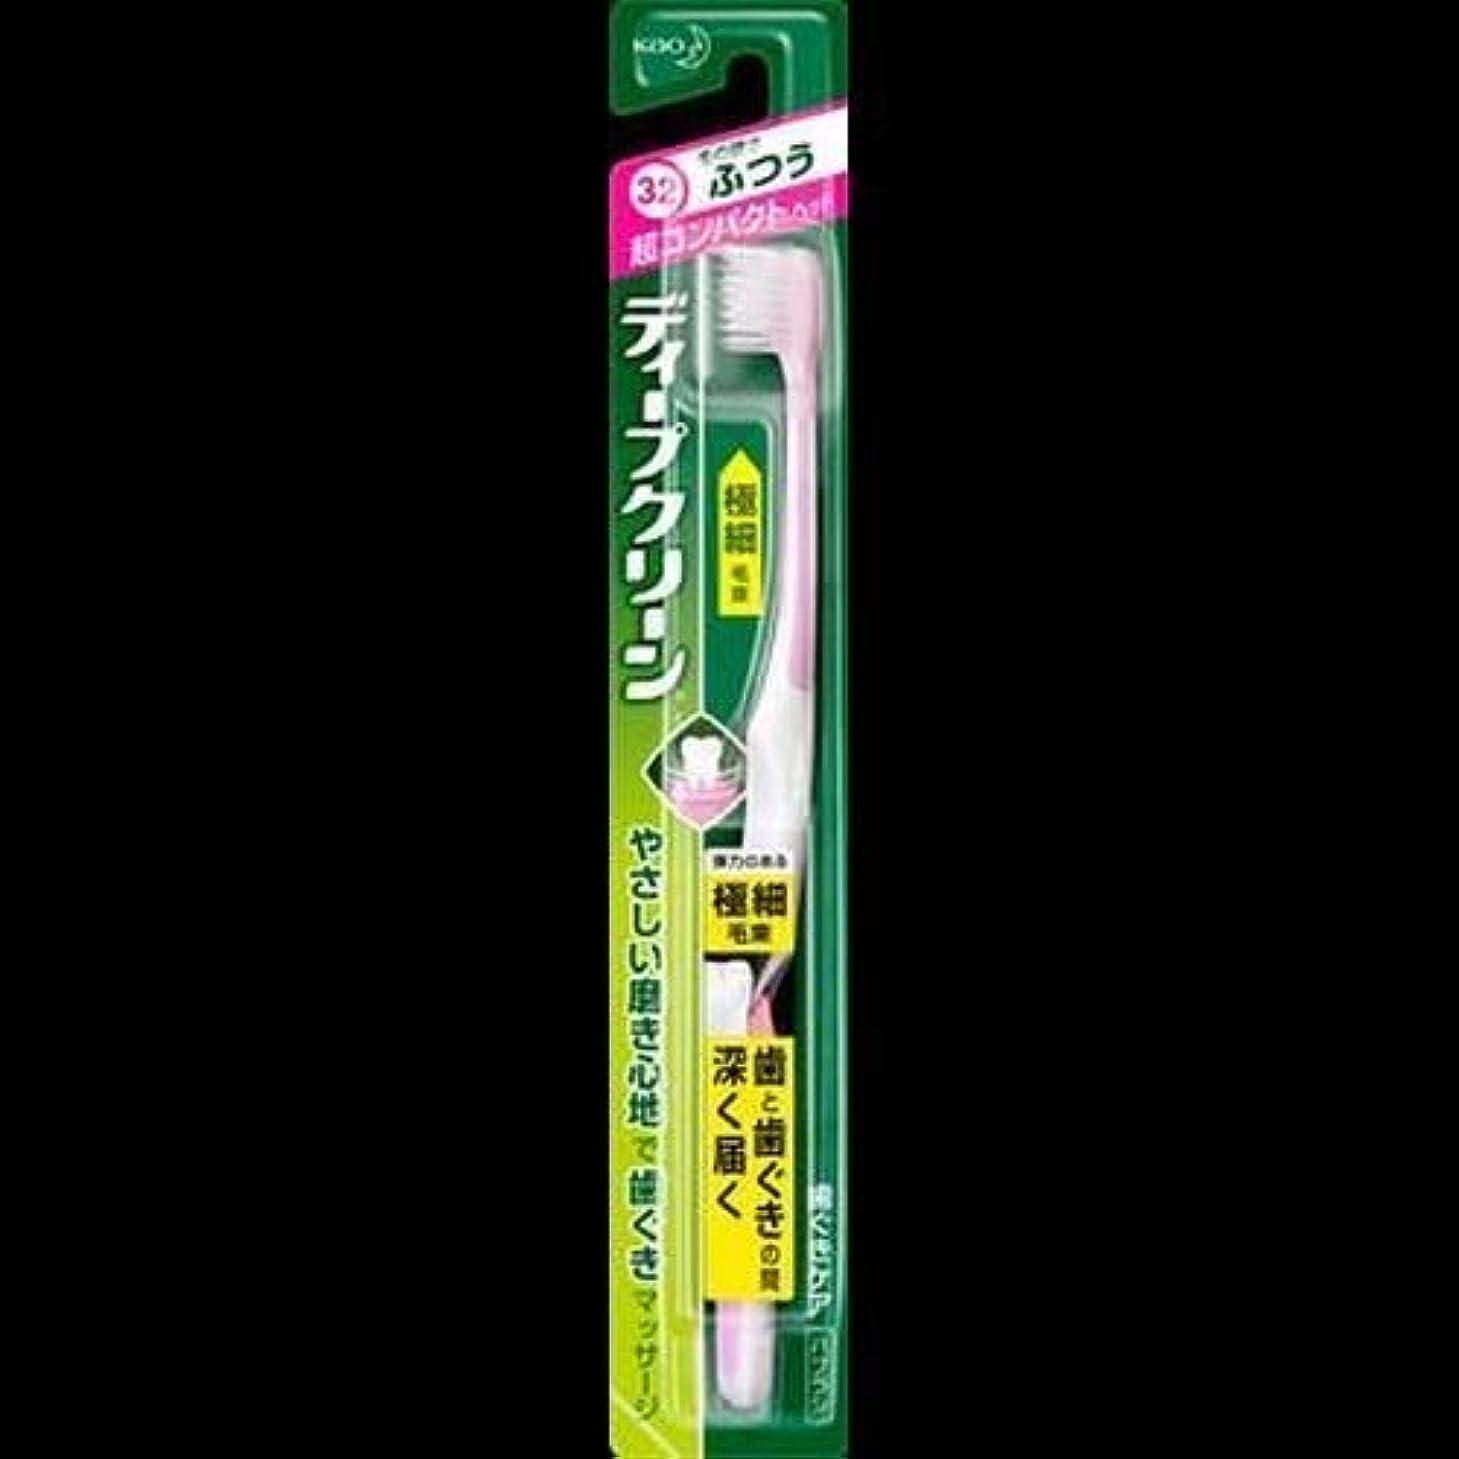 ずっと人物ケーブル【まとめ買い】ディープクリーン ハブラシ 超コンパクト ふつう ×2セット